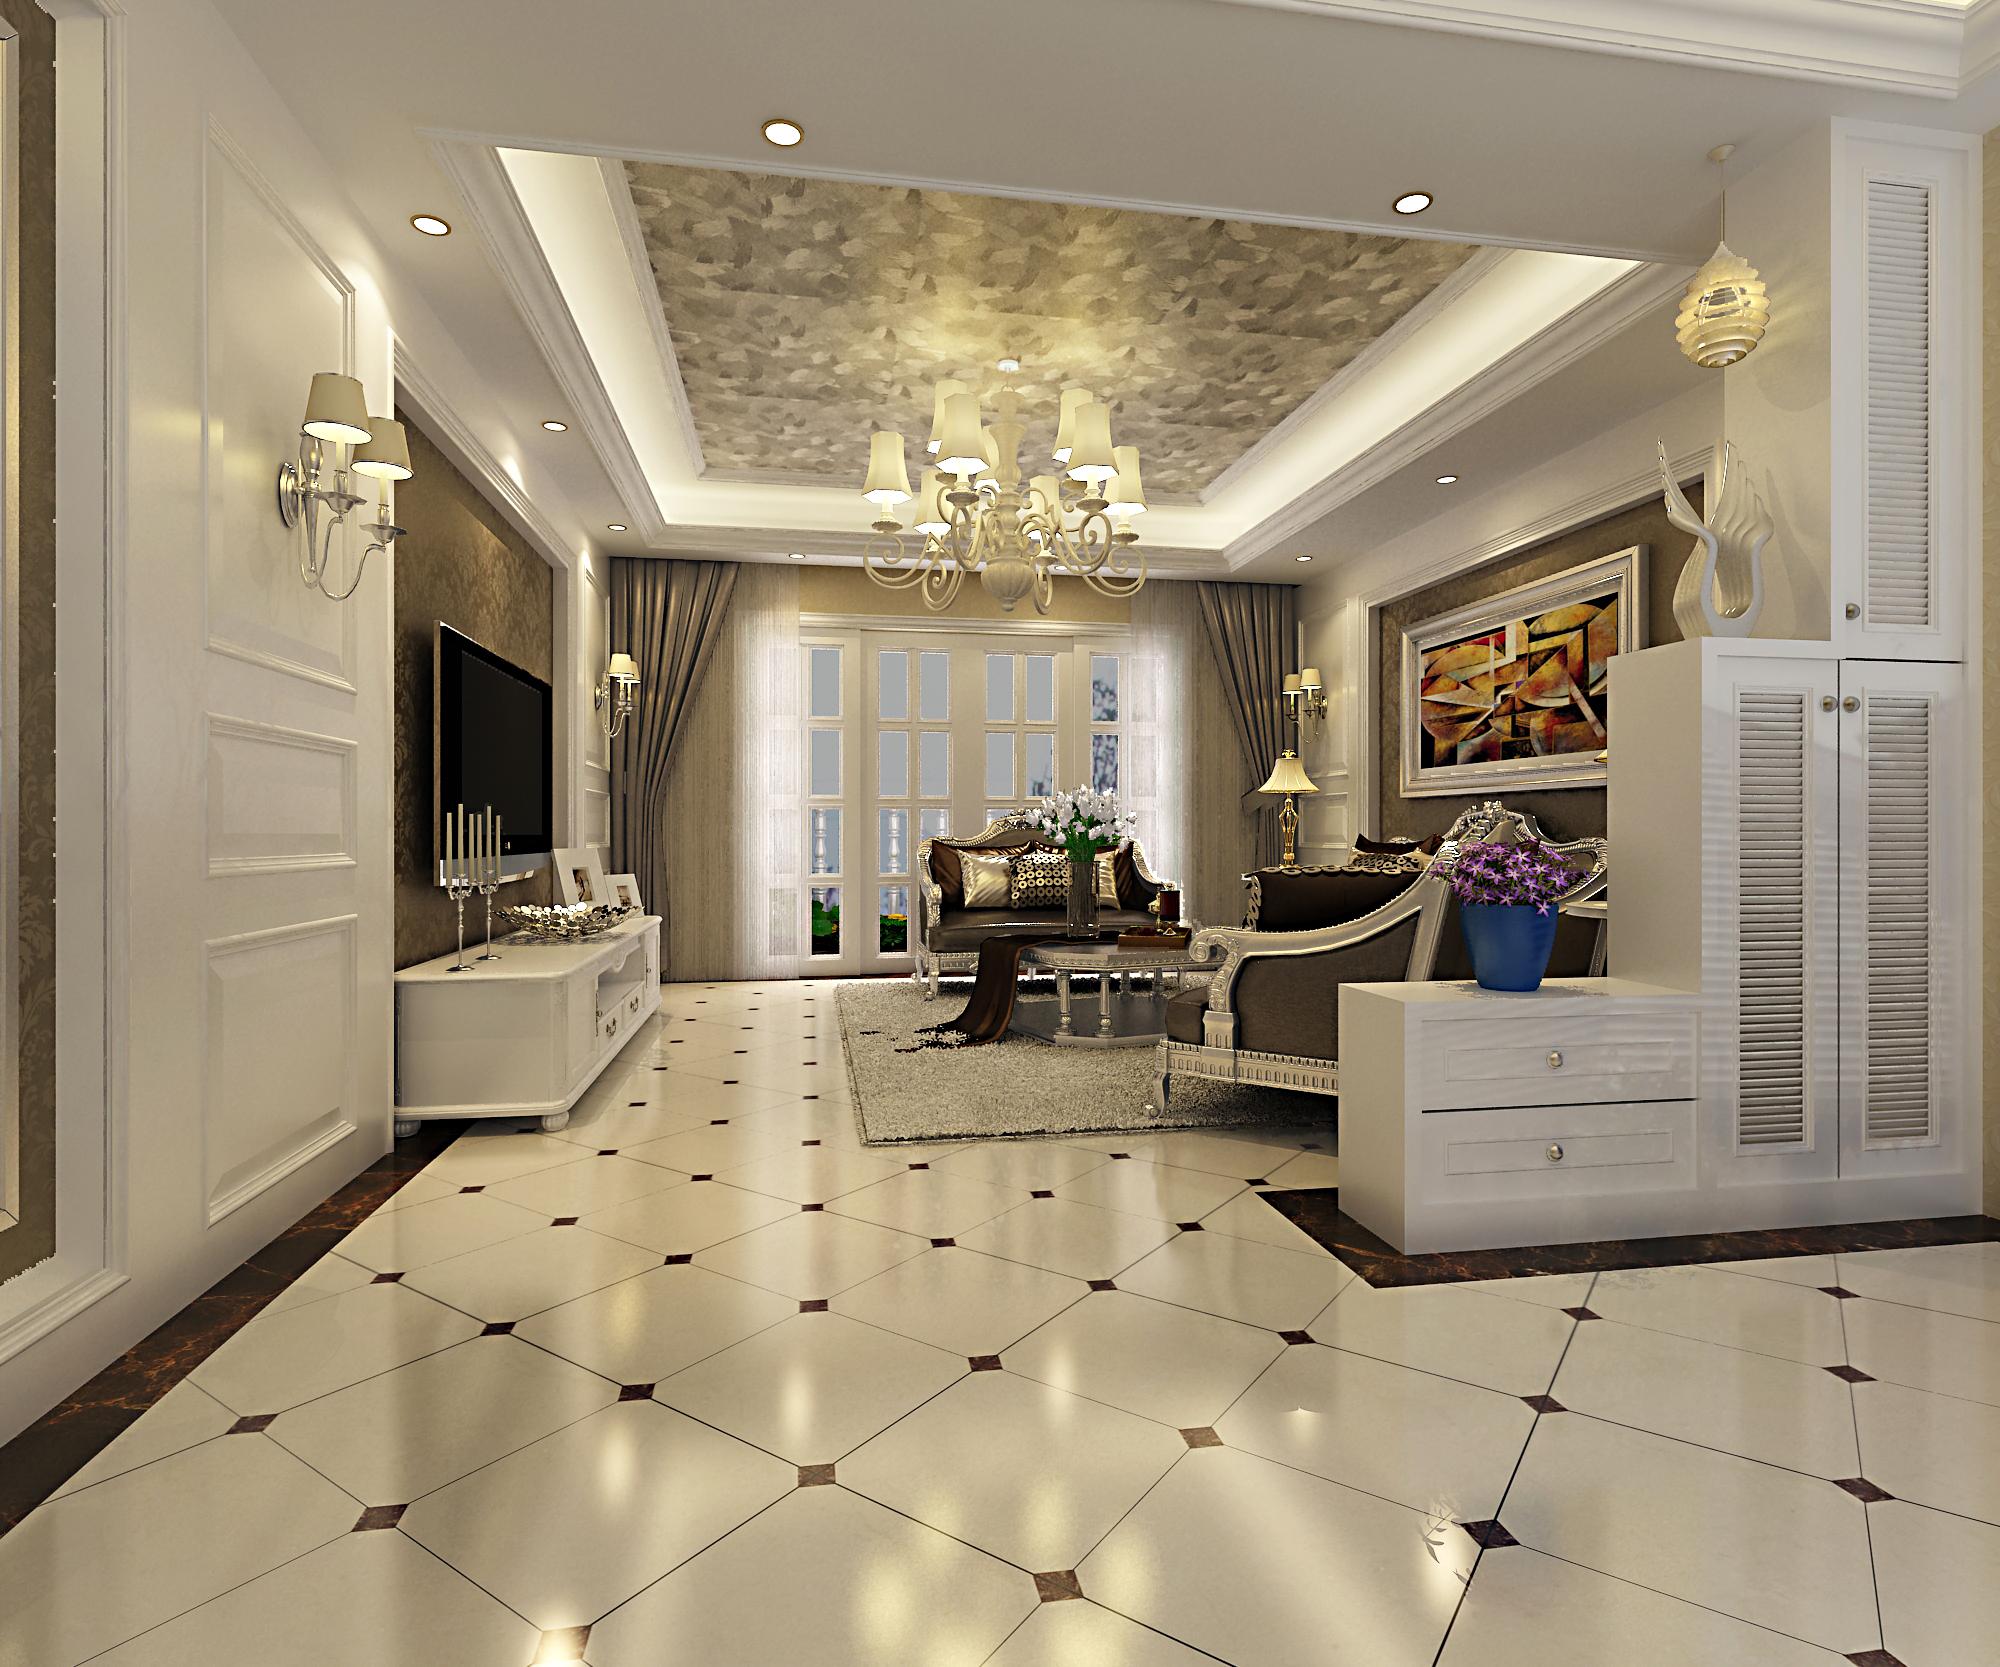 客厅图片来自湖南名匠装饰在宏聚地中海-新古典风格的分享